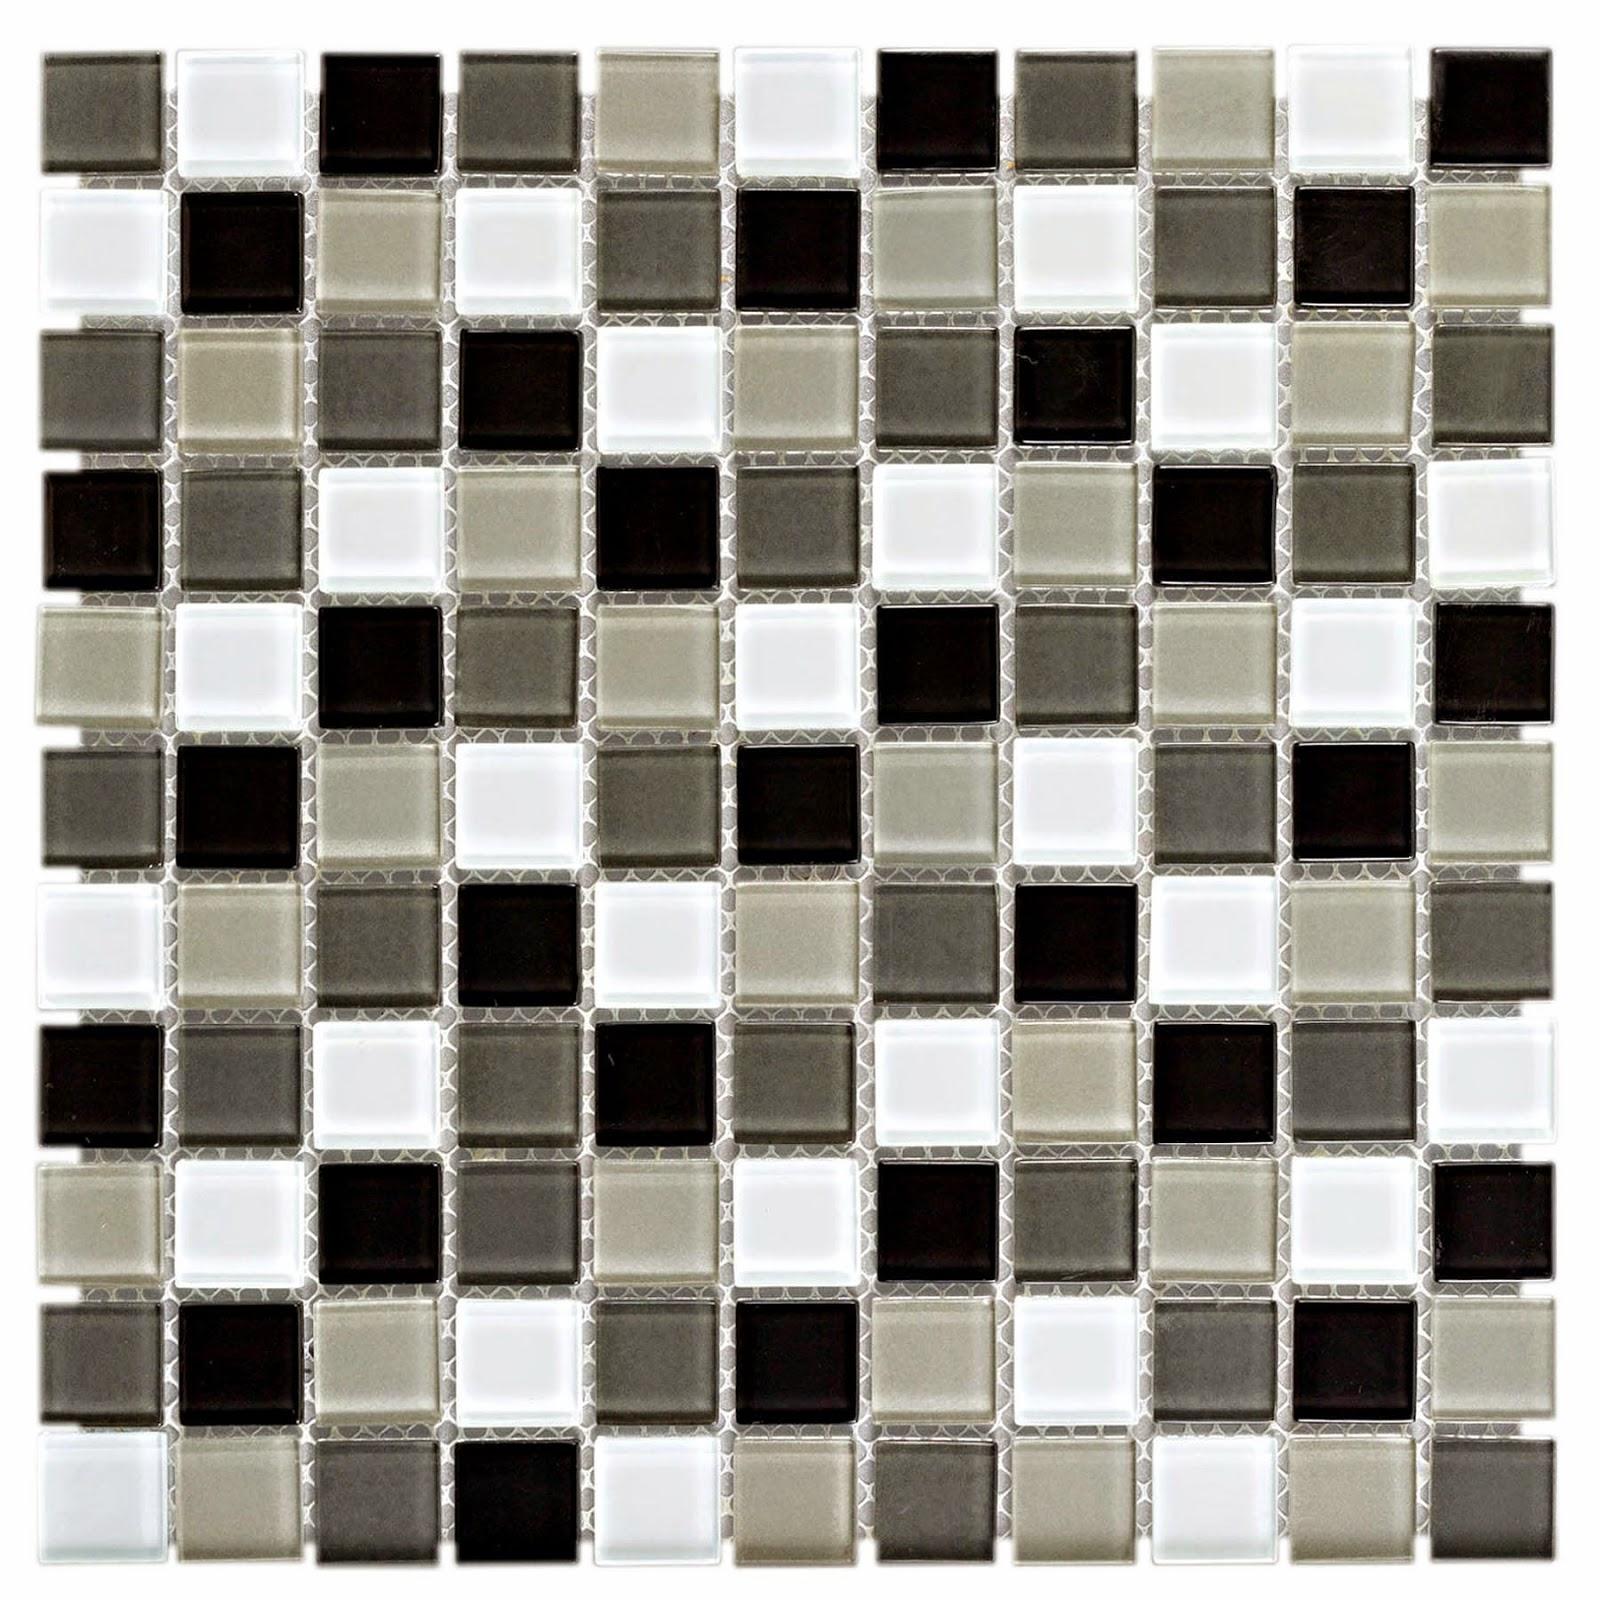 Pastilha de Vidro Mesclada Preto/ Branco e Cinza MIX 04 30x30 Colortil #1A1612 1600x1600 Banheiro Branco Preto E Cinza